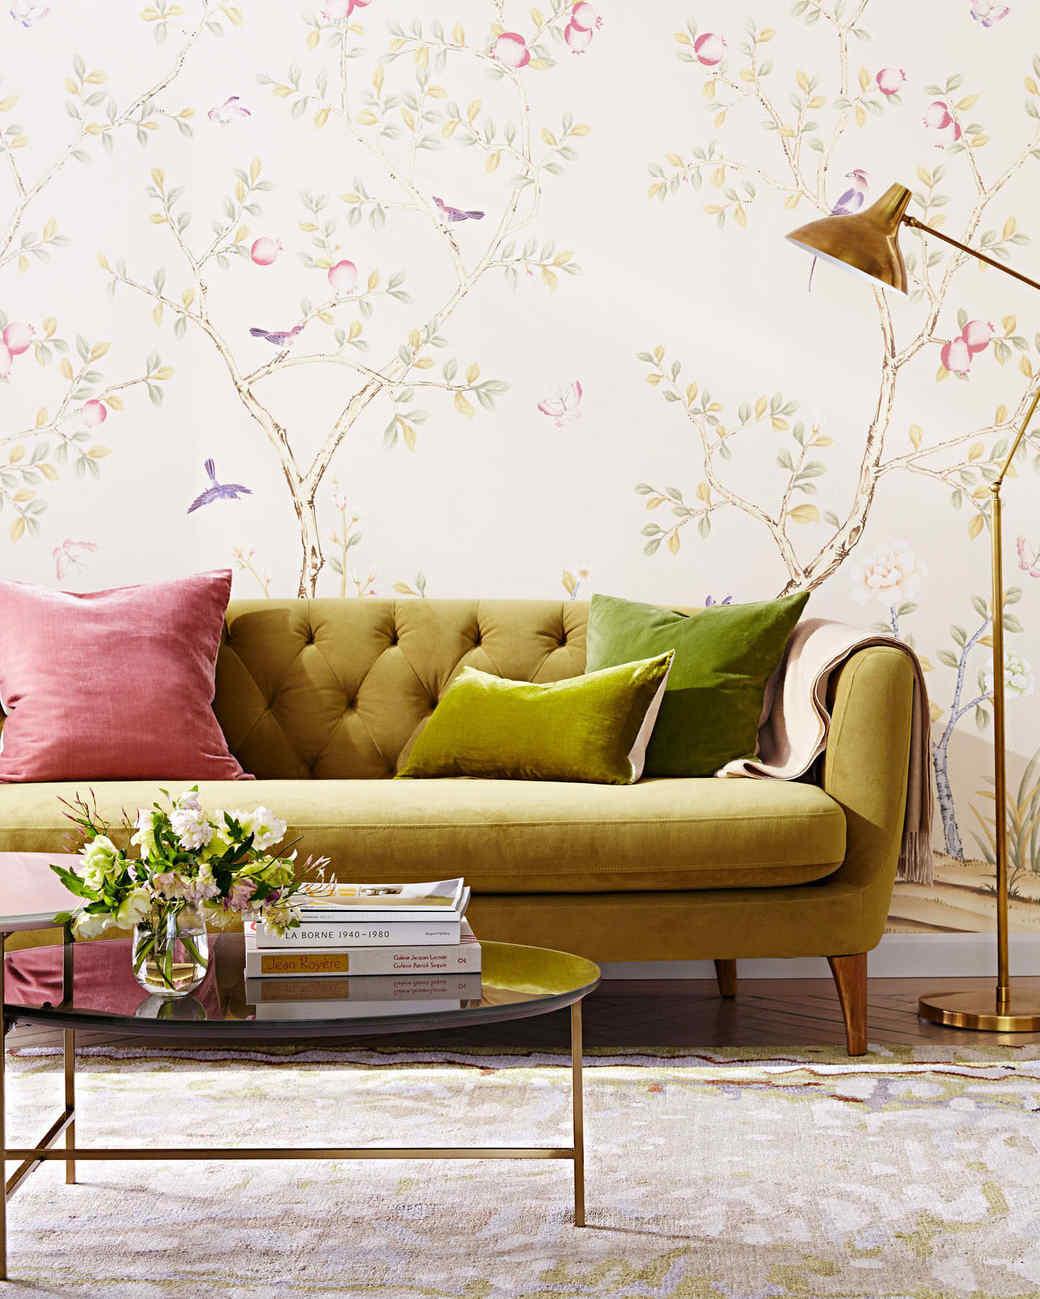 peel off wallpaper living room plush velvet sofa - How To Remove Wallpaper Easily